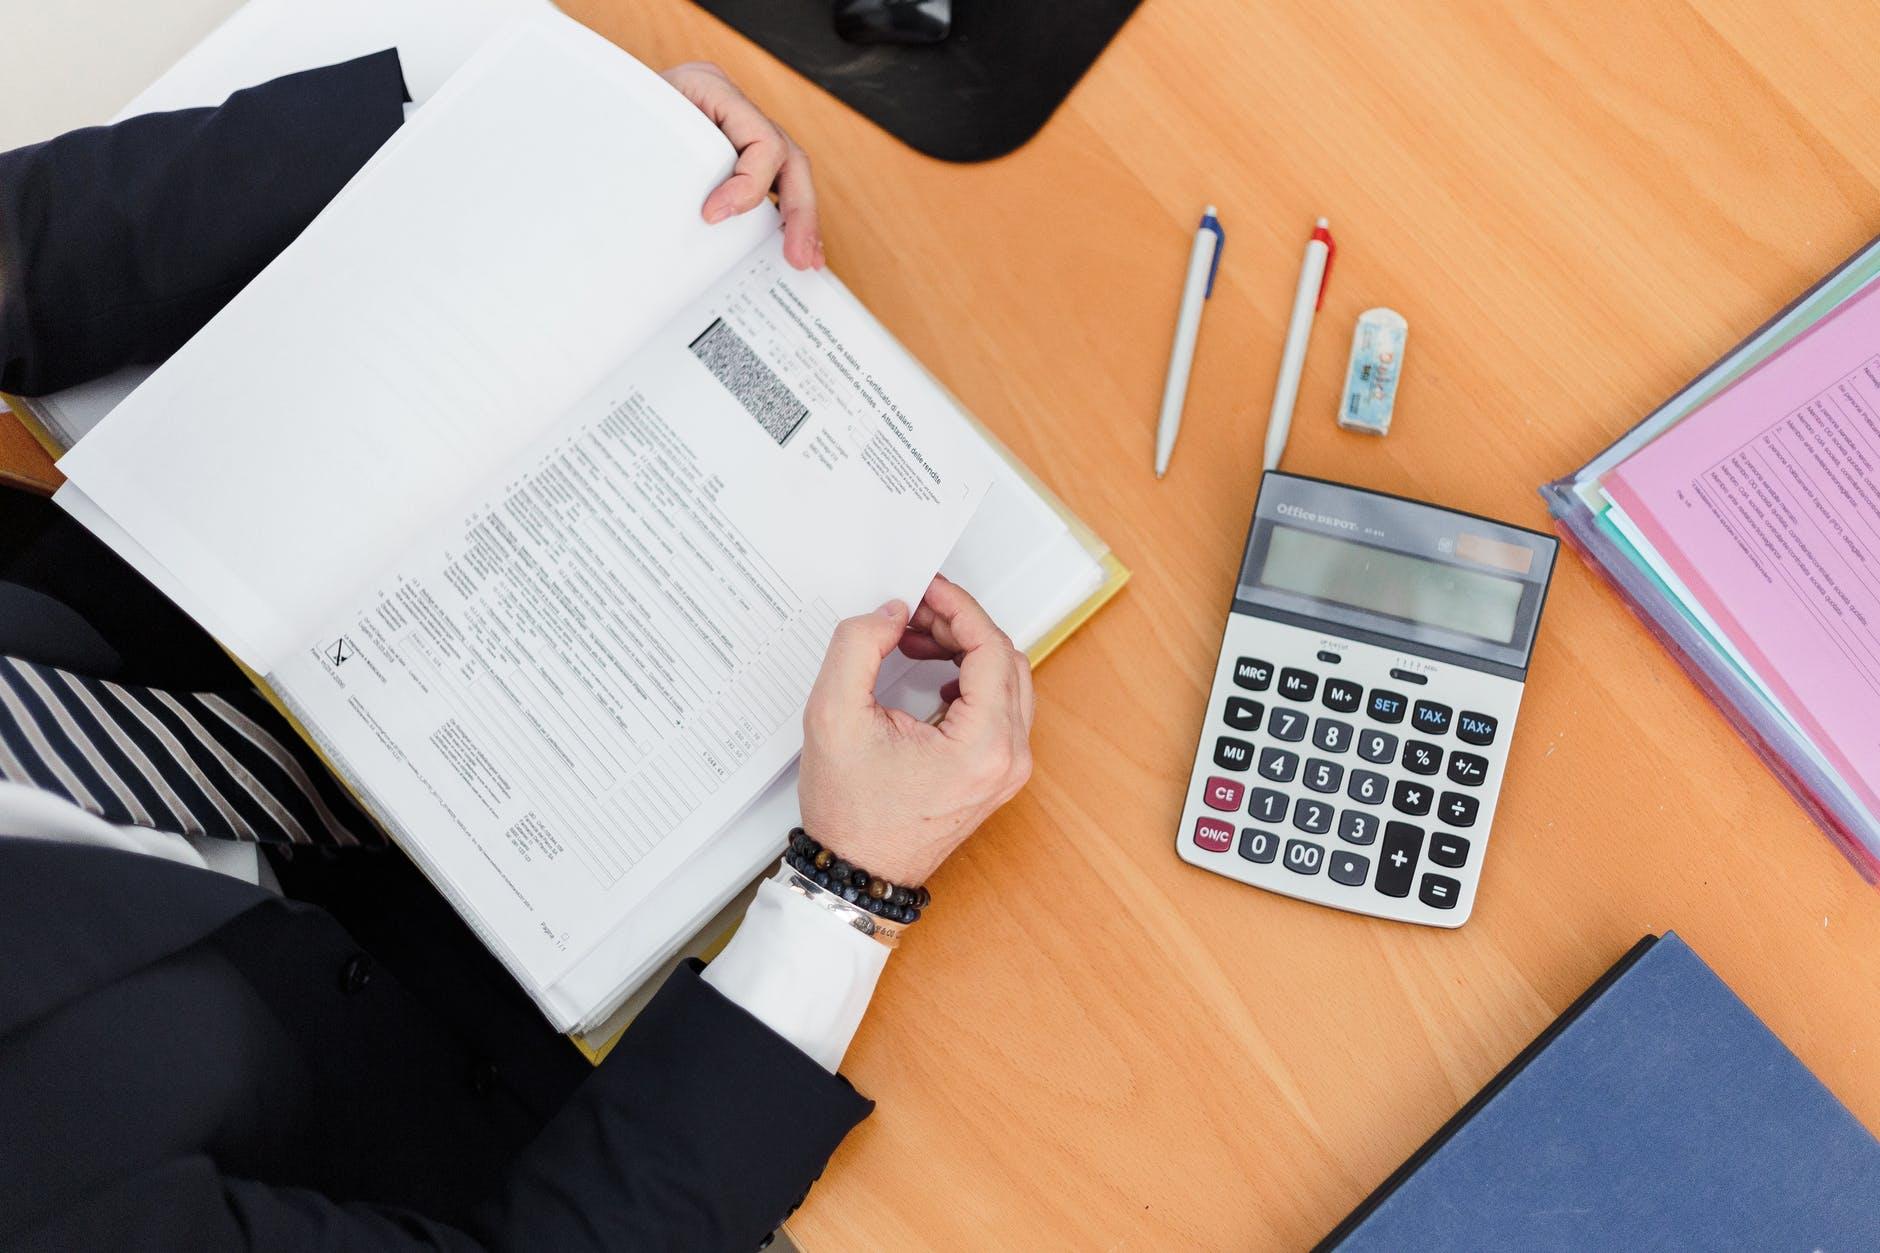 Como fazer provisão de impostos e evitar o risco de não conseguir pagar contas e salários?